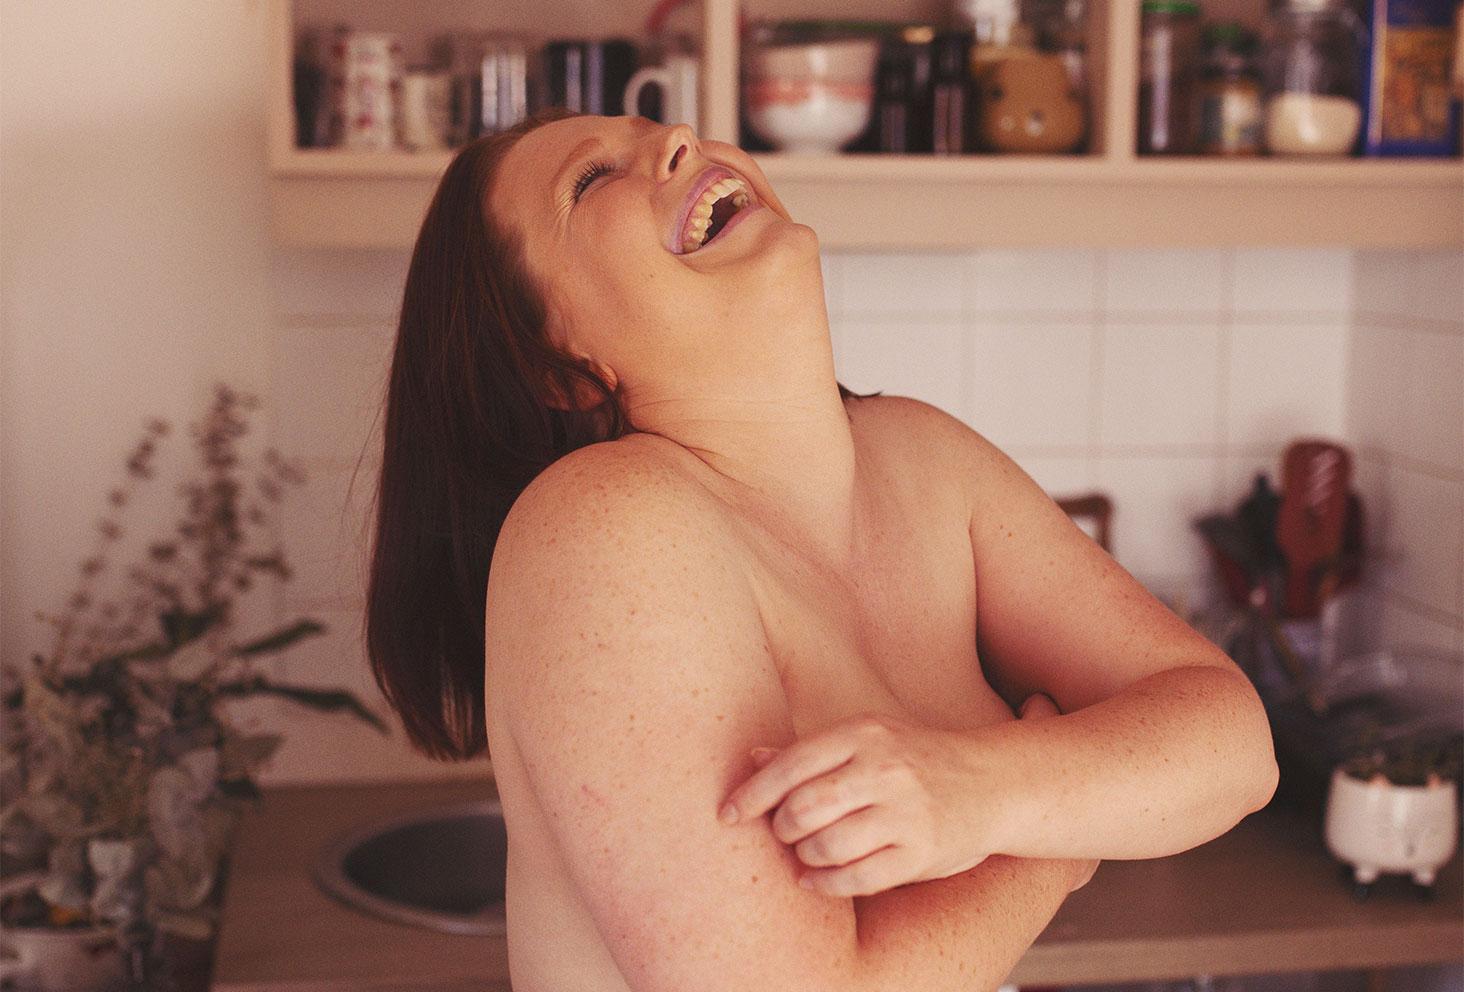 Nue dans une cuisine avec le sourire